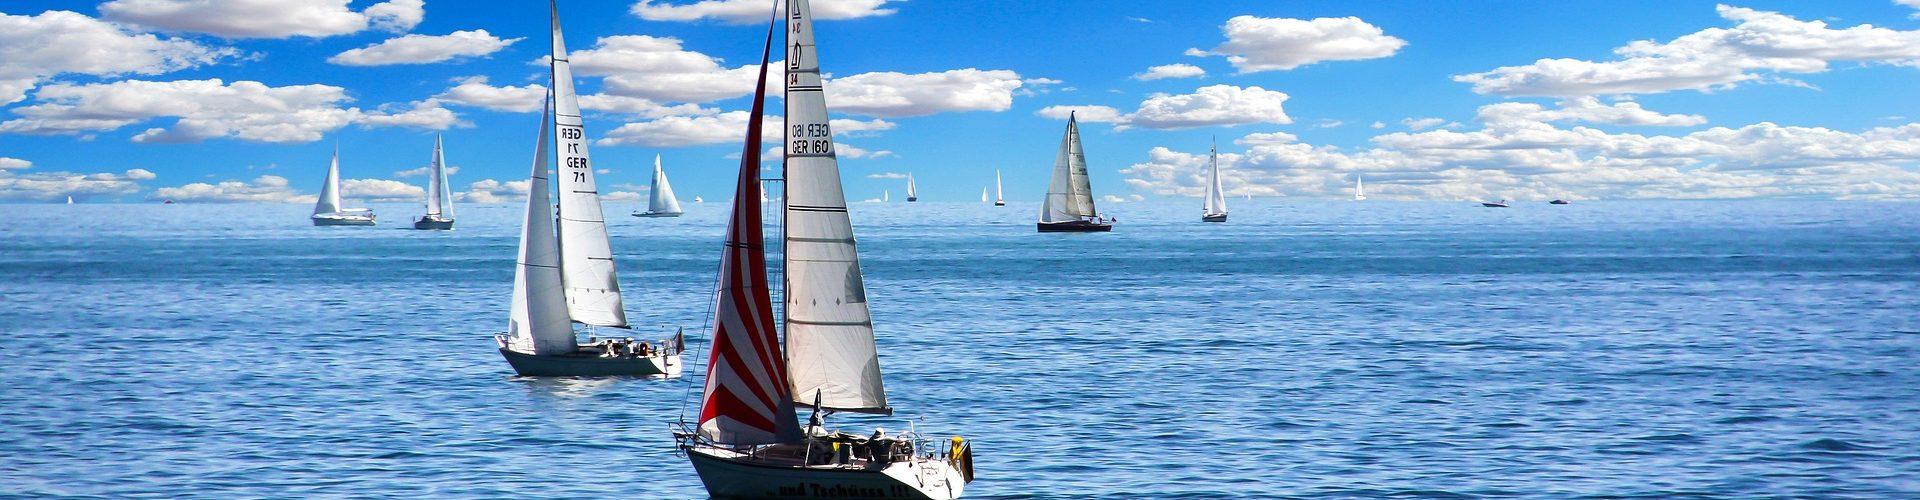 segeln lernen in Obernzell segelschein machen in Obernzell 1920x500 - Segeln lernen in Obernzell